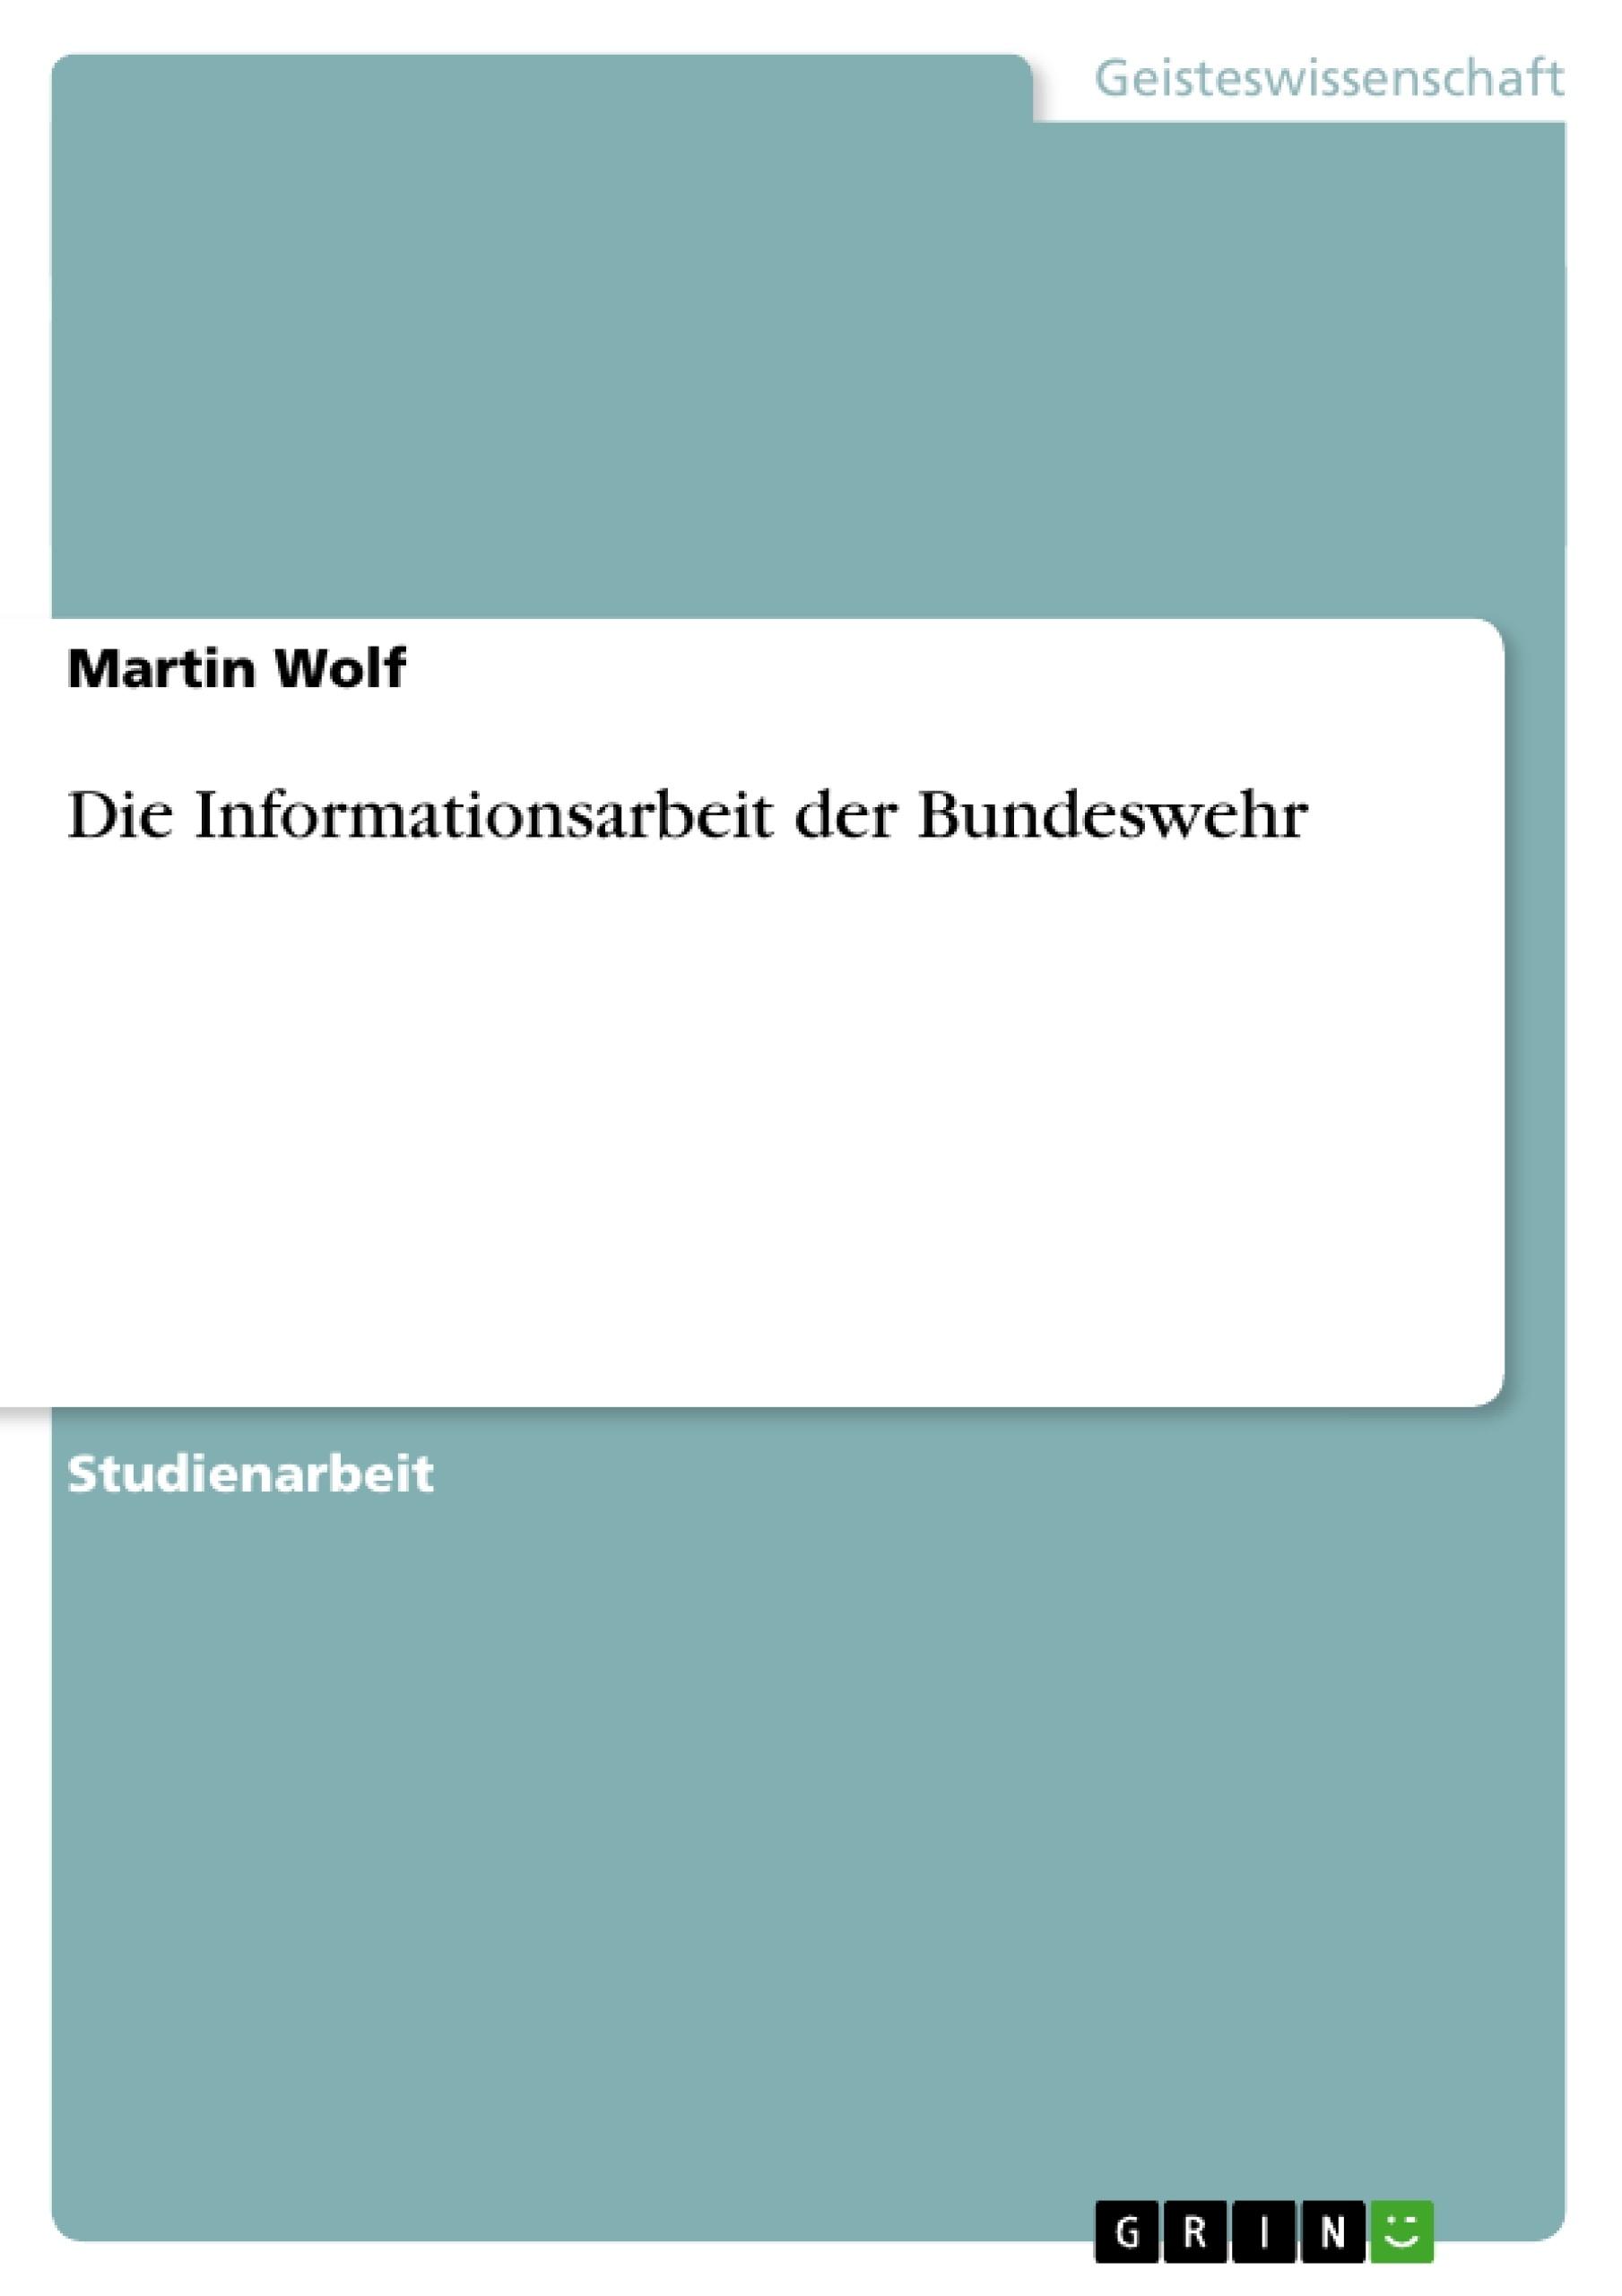 Titel: Die Informationsarbeit der Bundeswehr